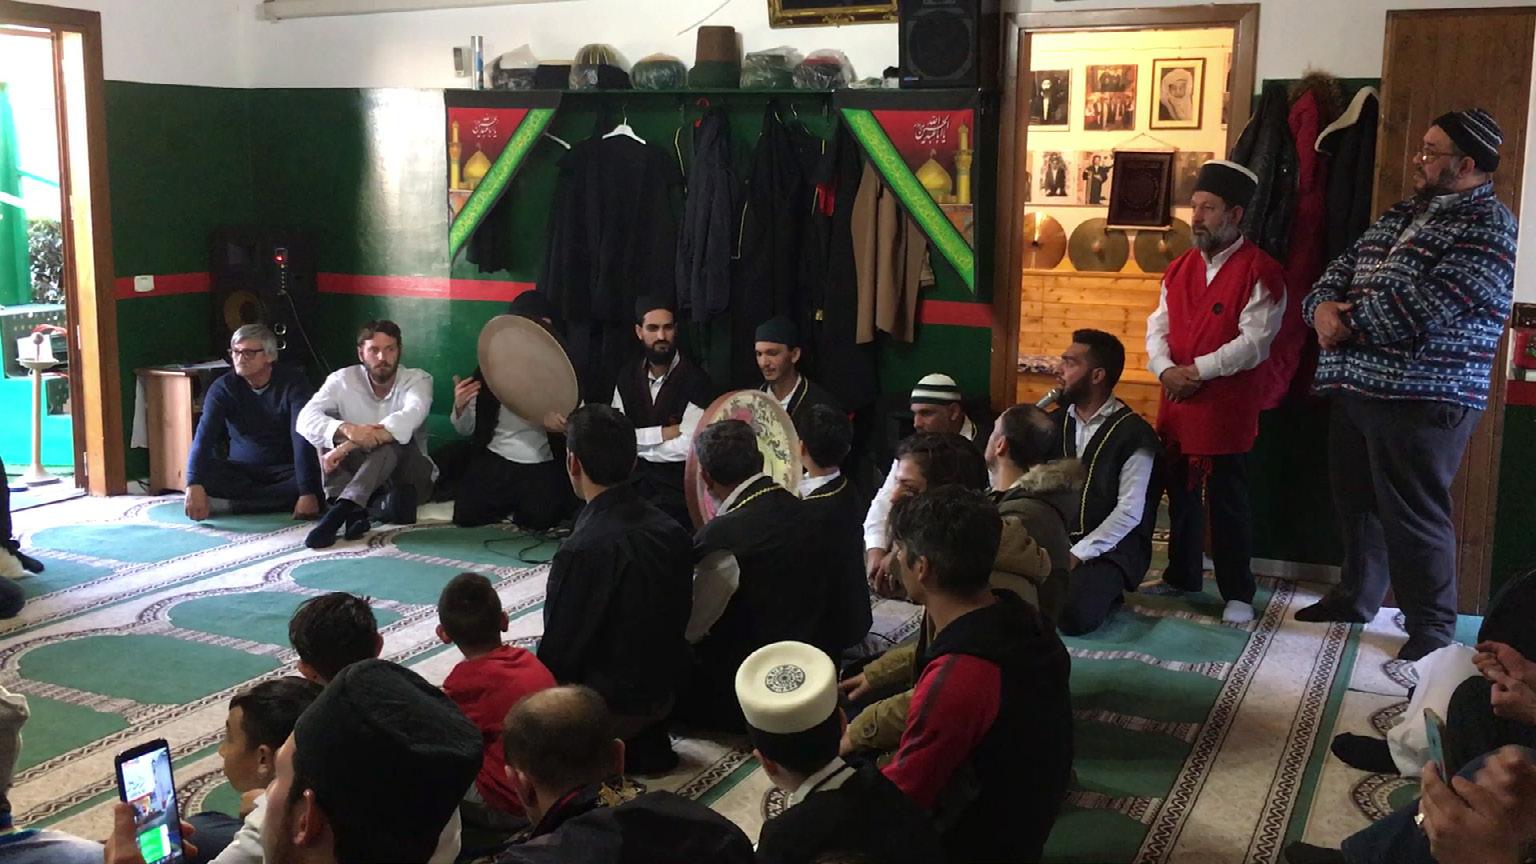 FIGURA 2. Canto di ilahi prima dell'inizio dello zikr (Sultan nevruz, 16 marzo 2019, frame da video di M. R. Coppola).